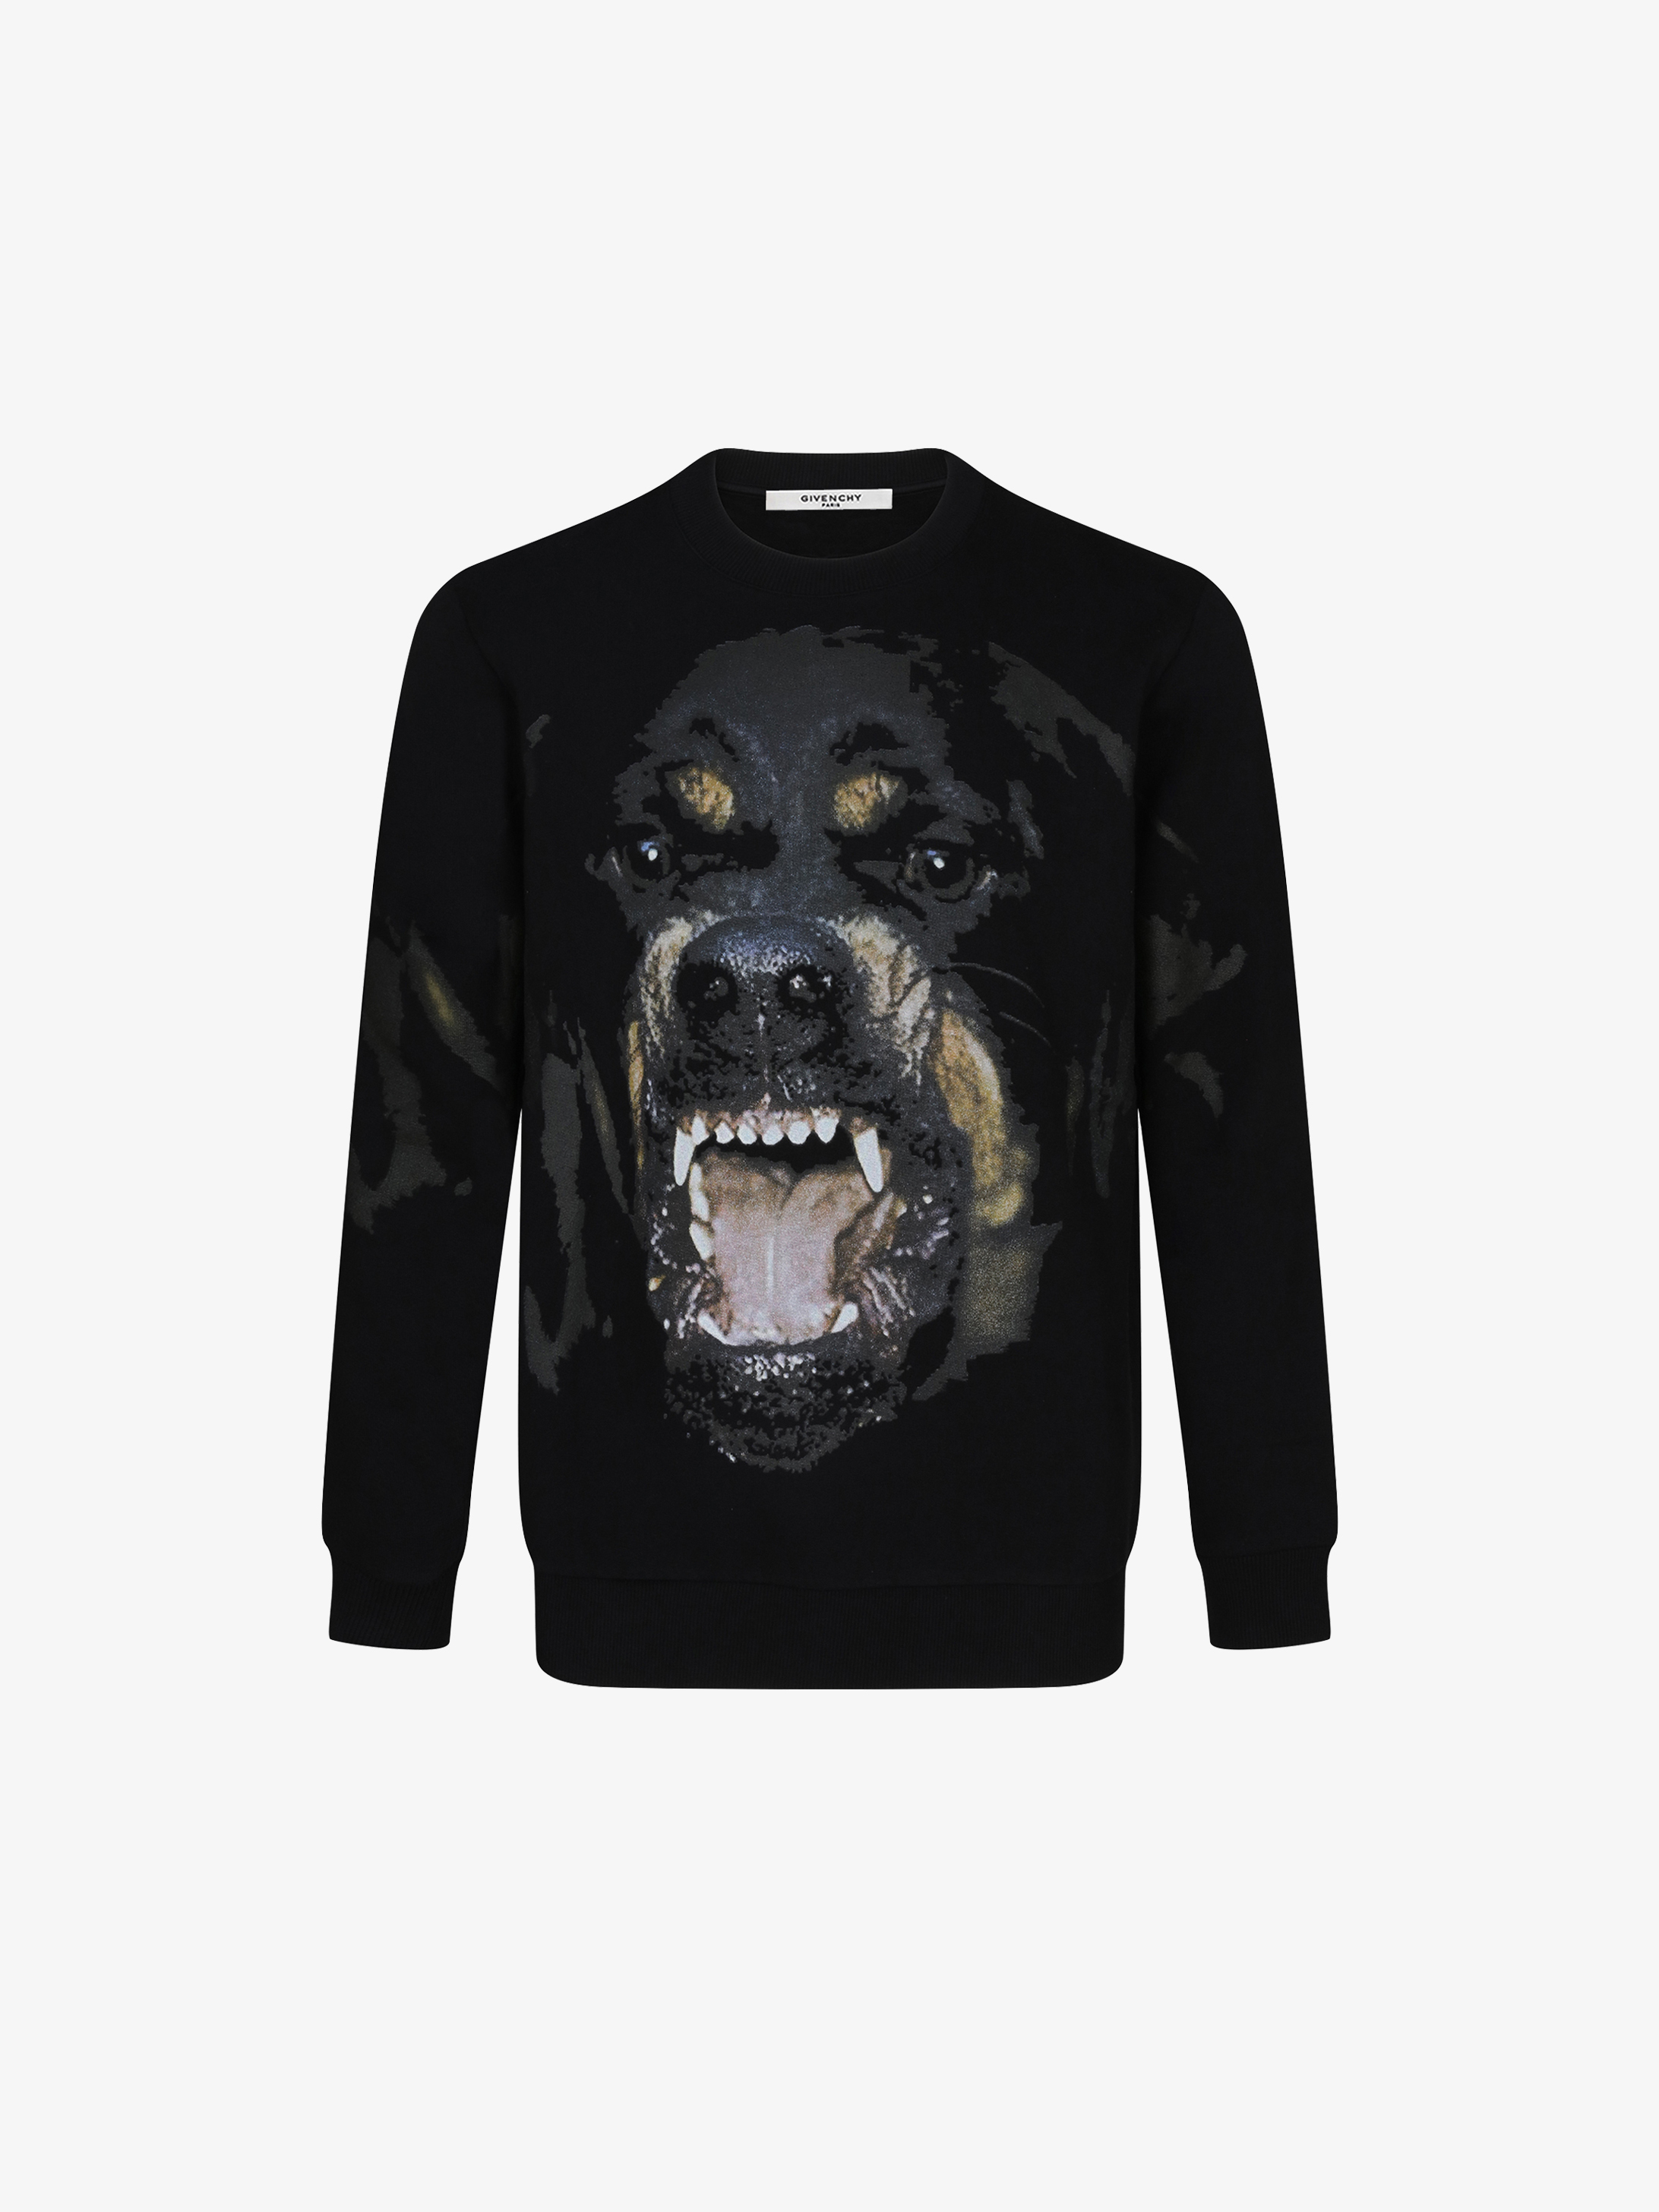 Rottweiler printed sweatshirt